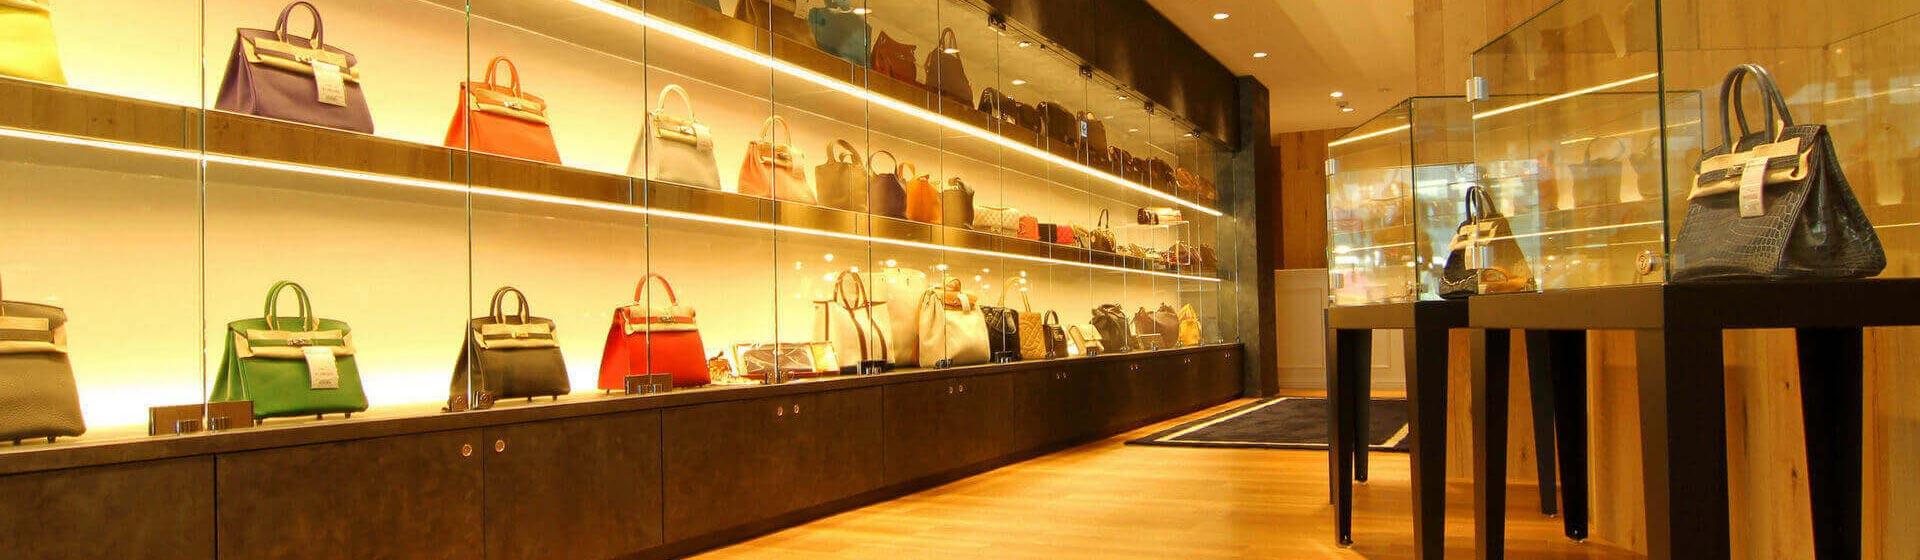 ブランド品、高価買取のギャラリーレア 青山表参道店へようこそ